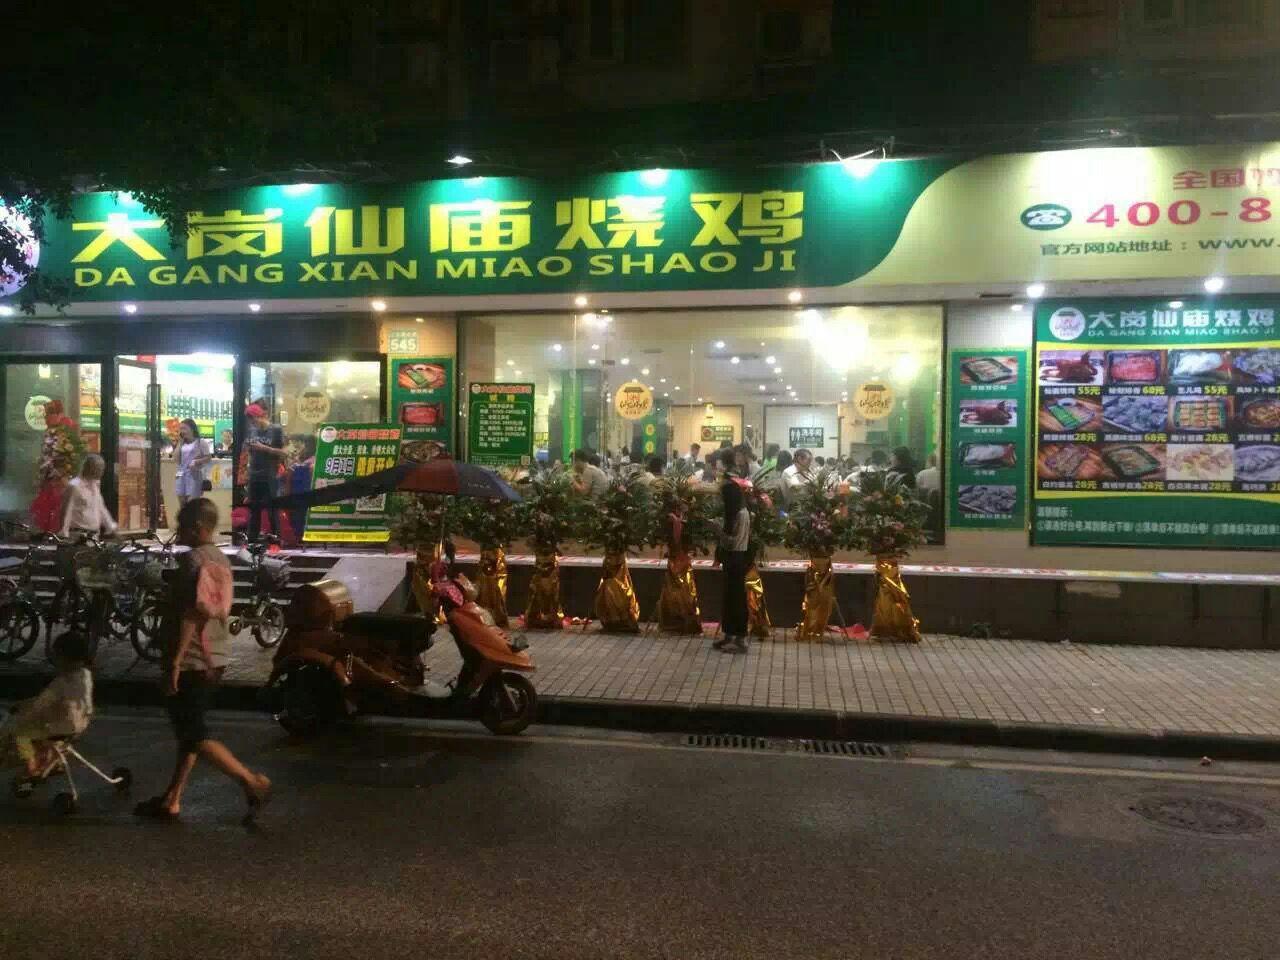 大岗仙庙烧鸡(三元里总店)